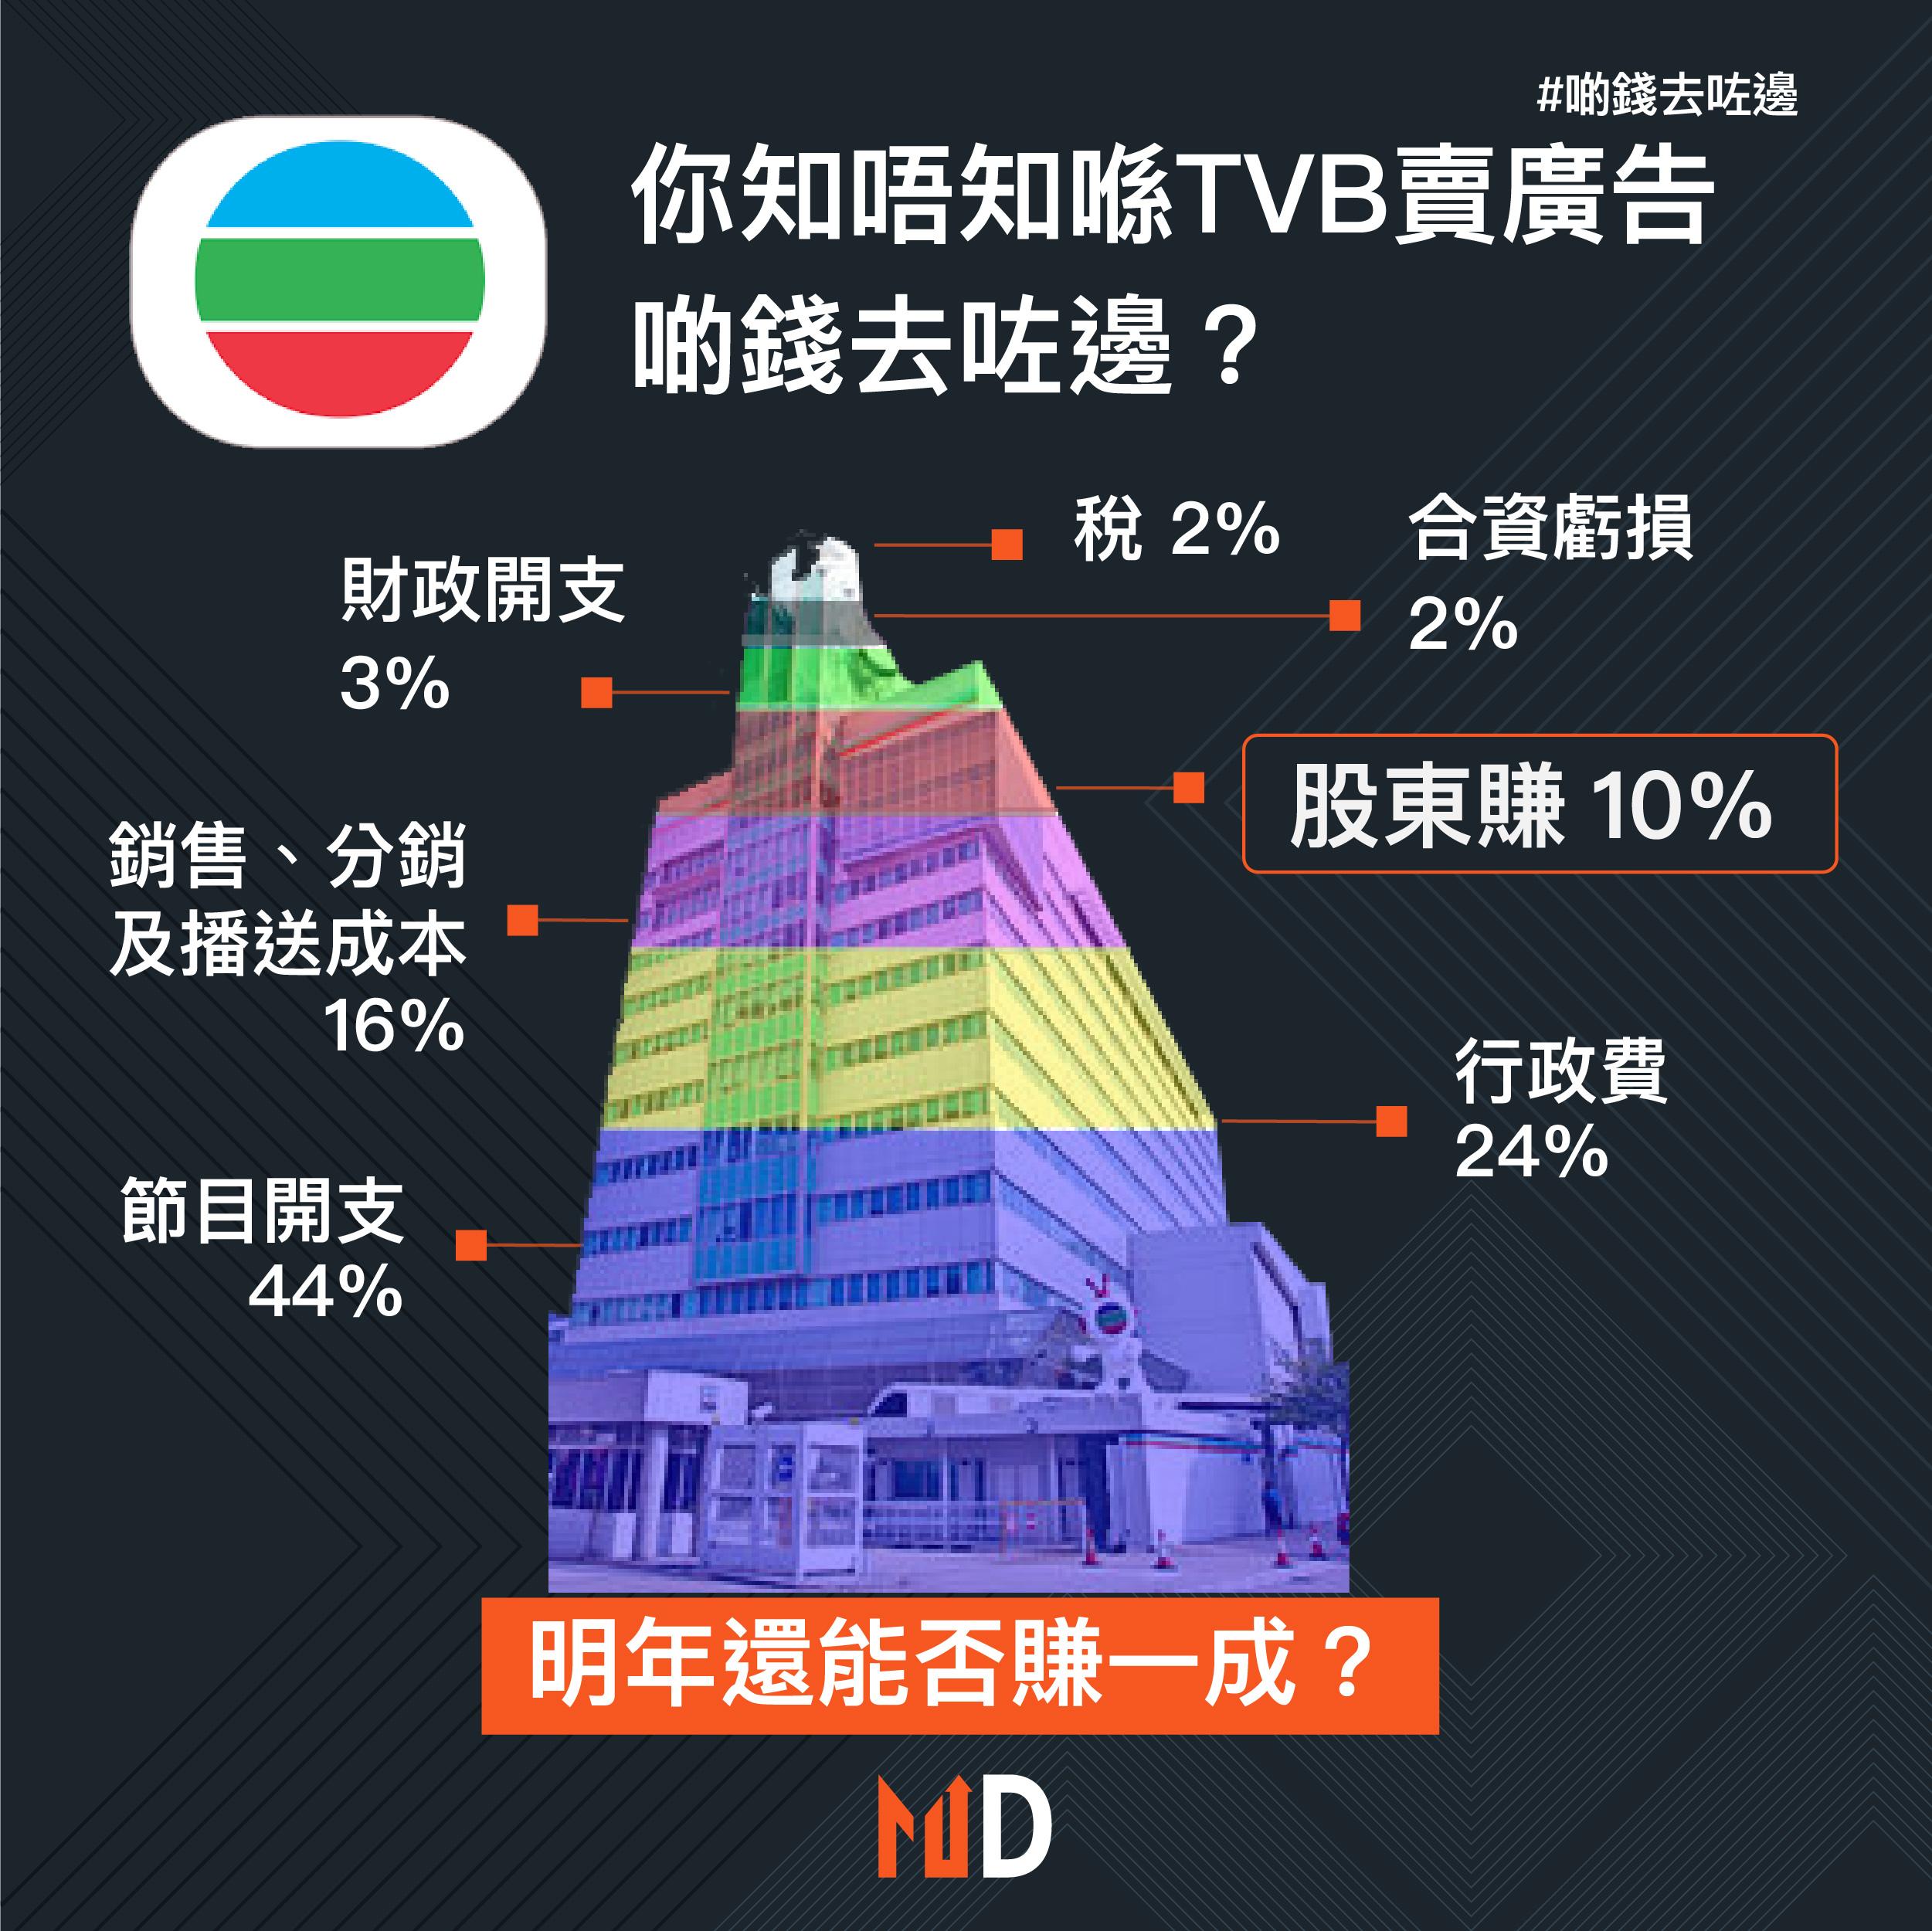 【啲錢去咗邊】你知唔知喺TVB賣廣告,啲錢去咗邊?